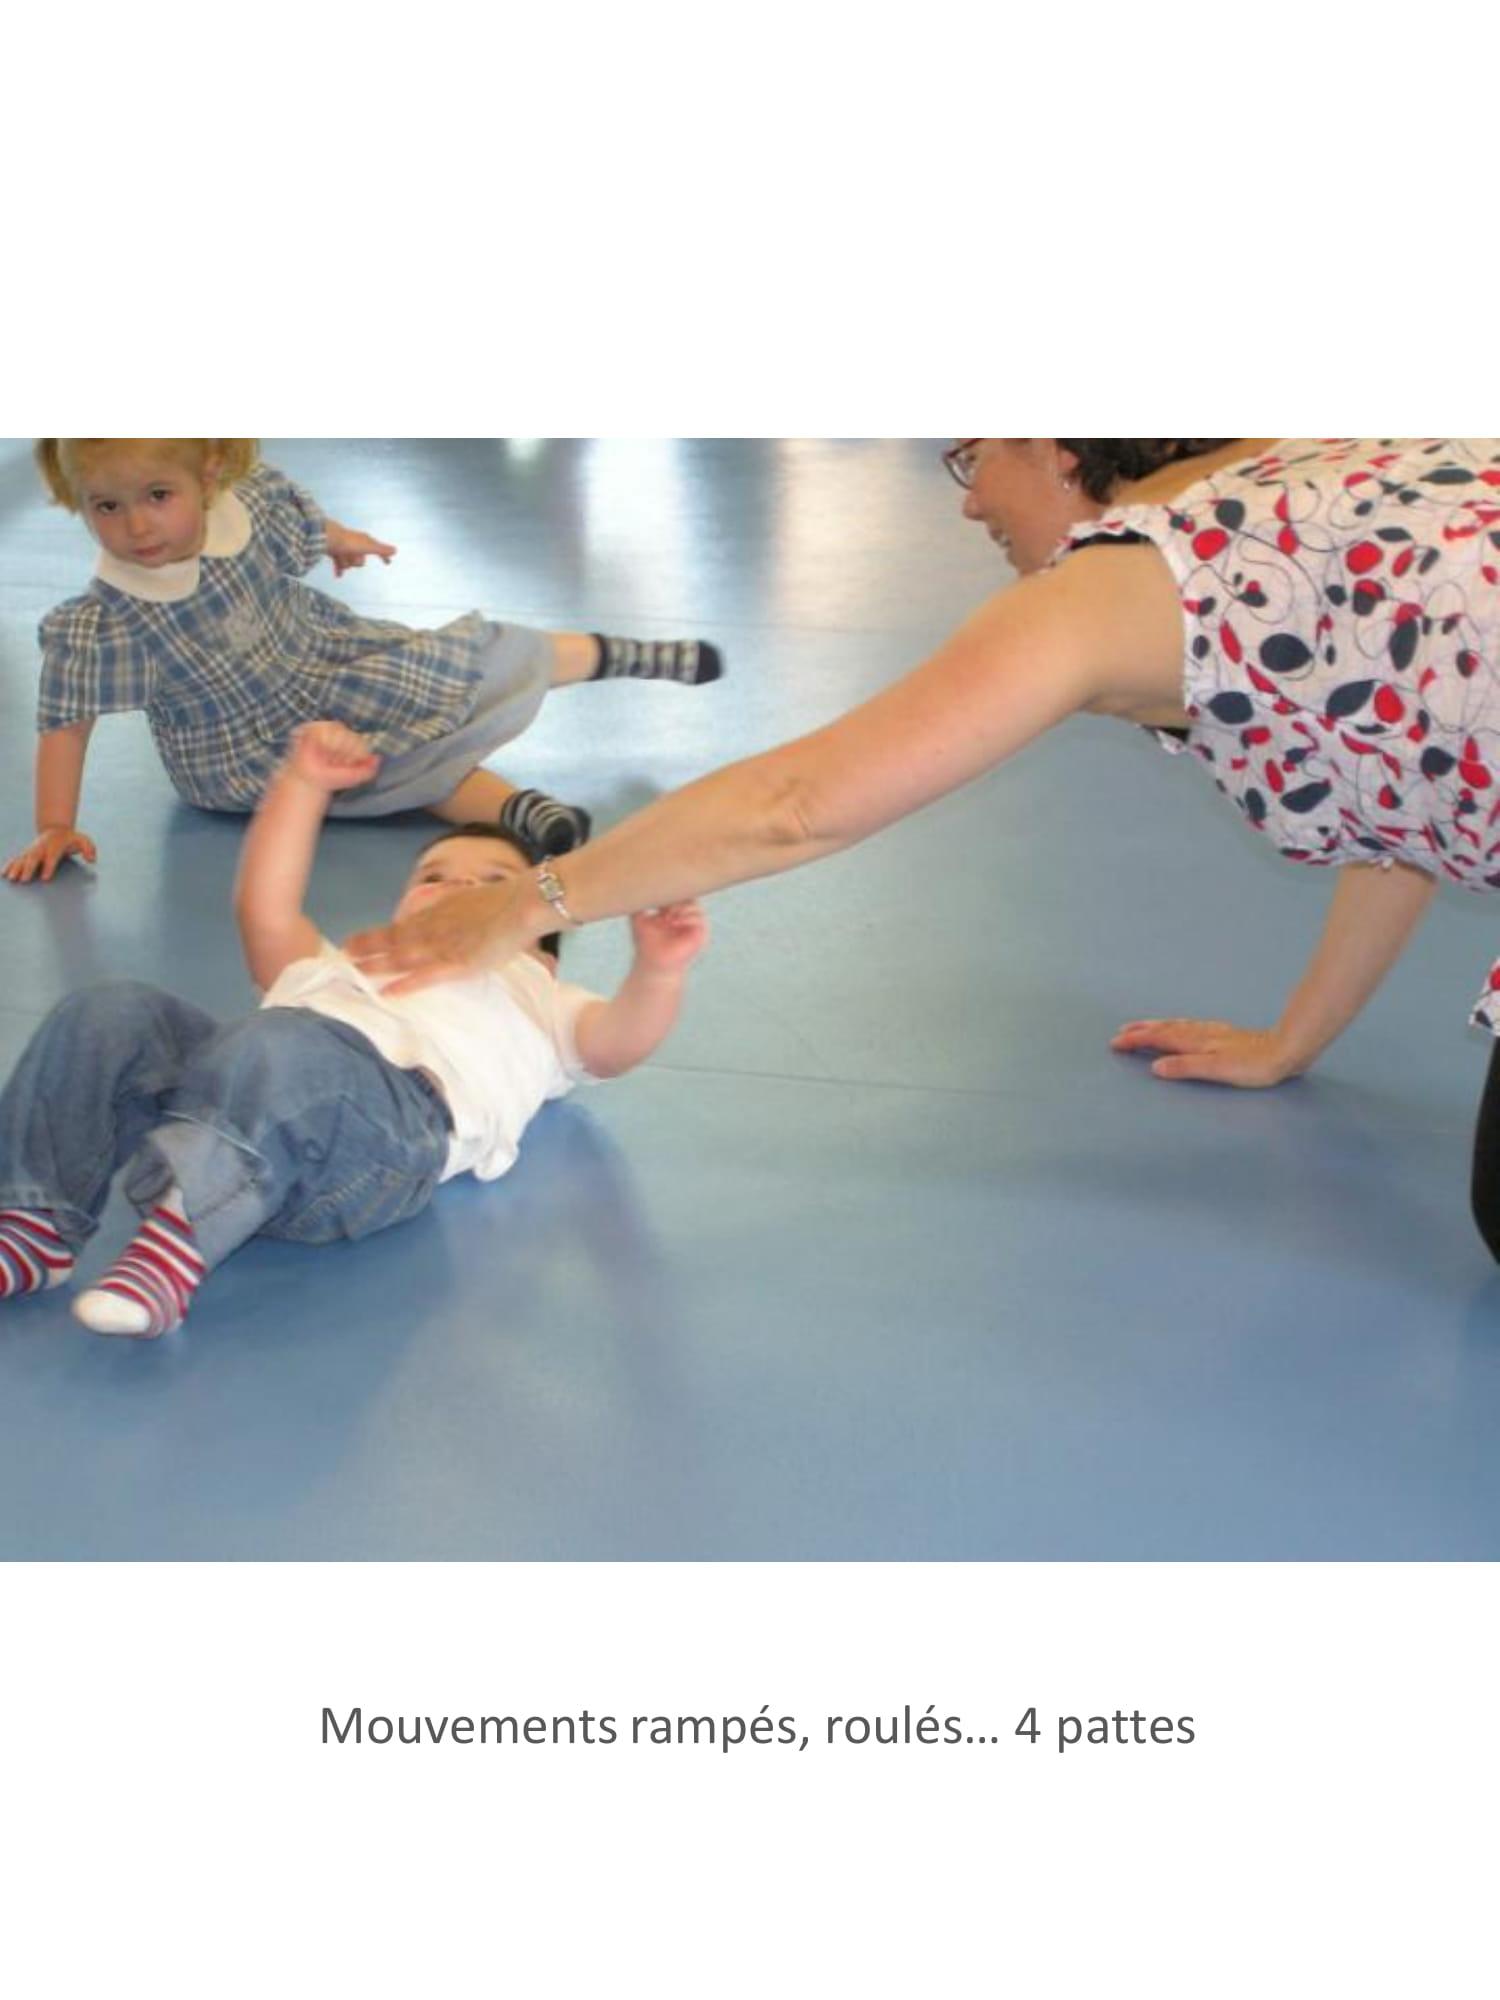 dossier éveil aux mouvements dansés-10